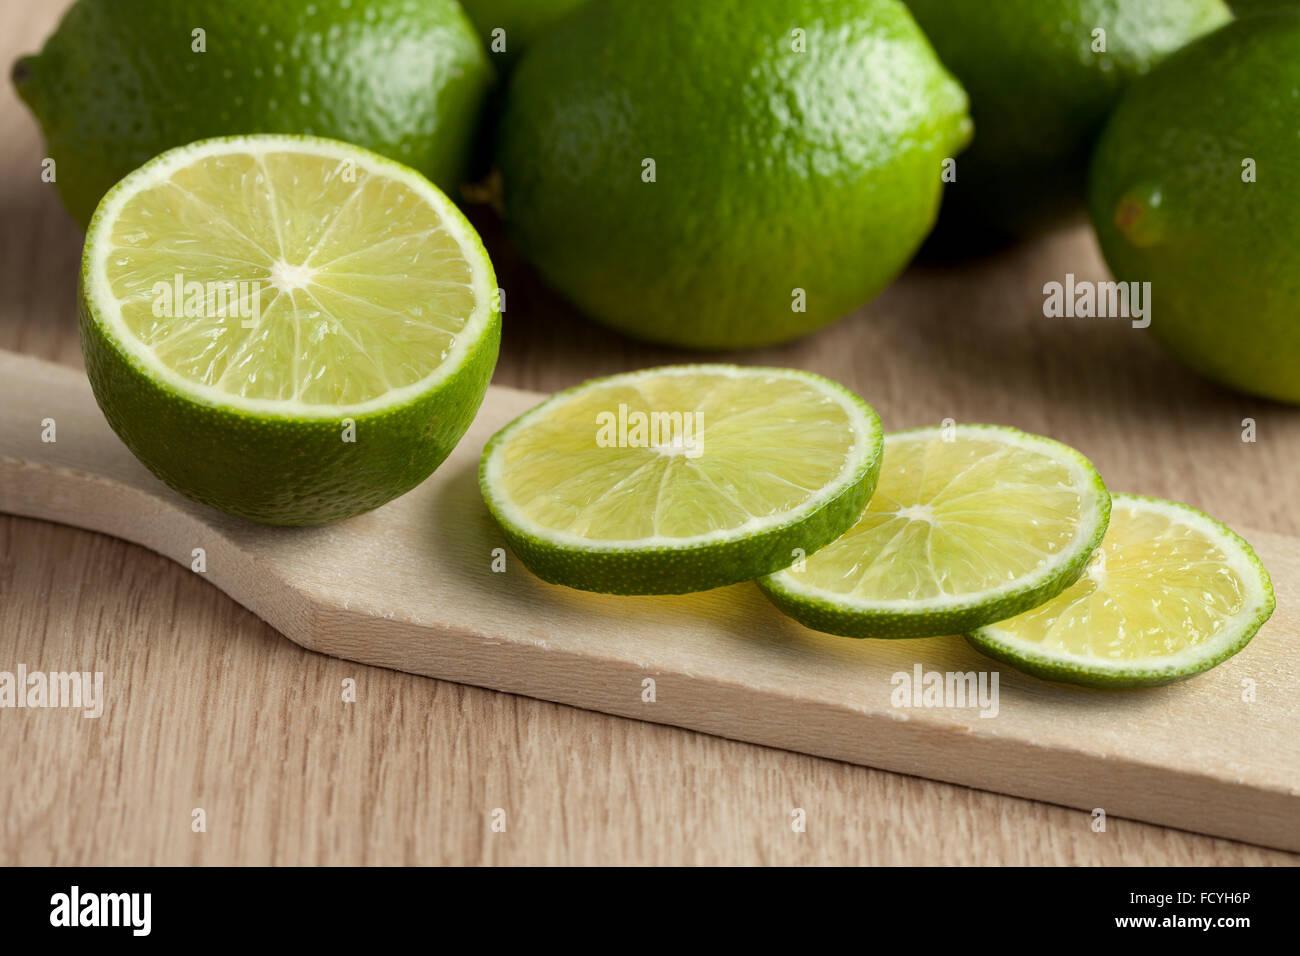 Vert frais limes sur une planche à découper Photo Stock